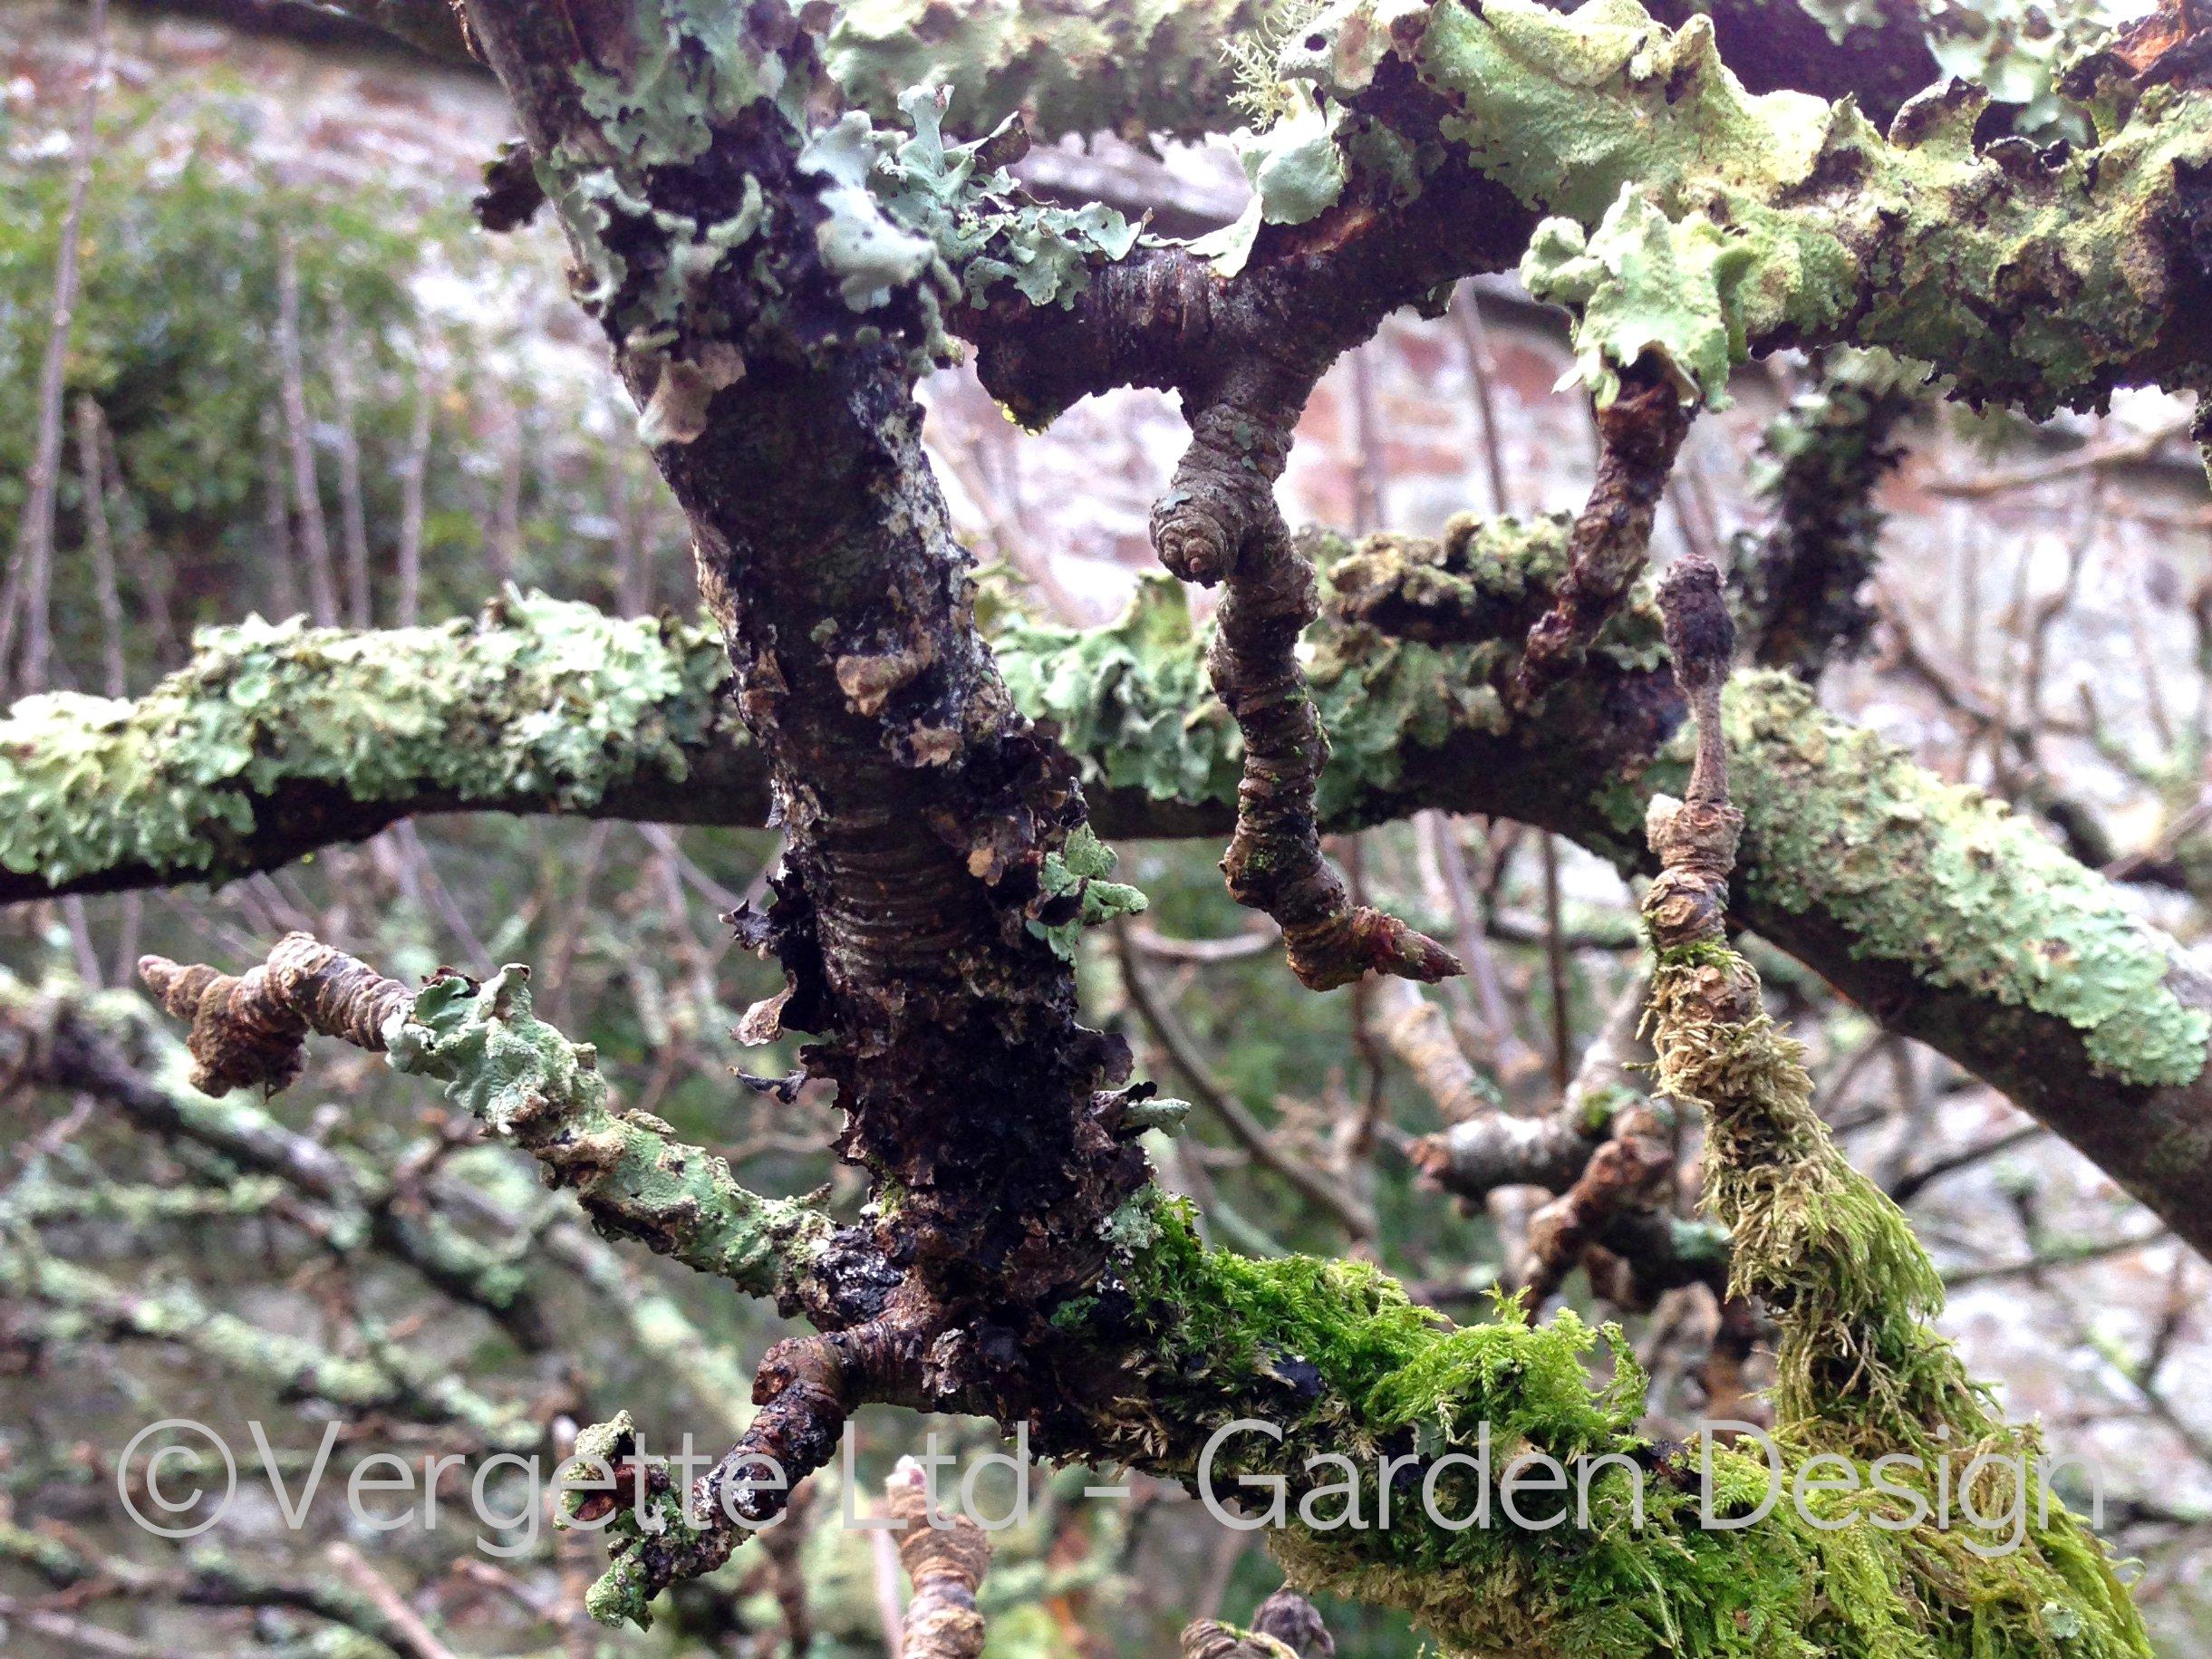 Old Orchard Vergette Gardens